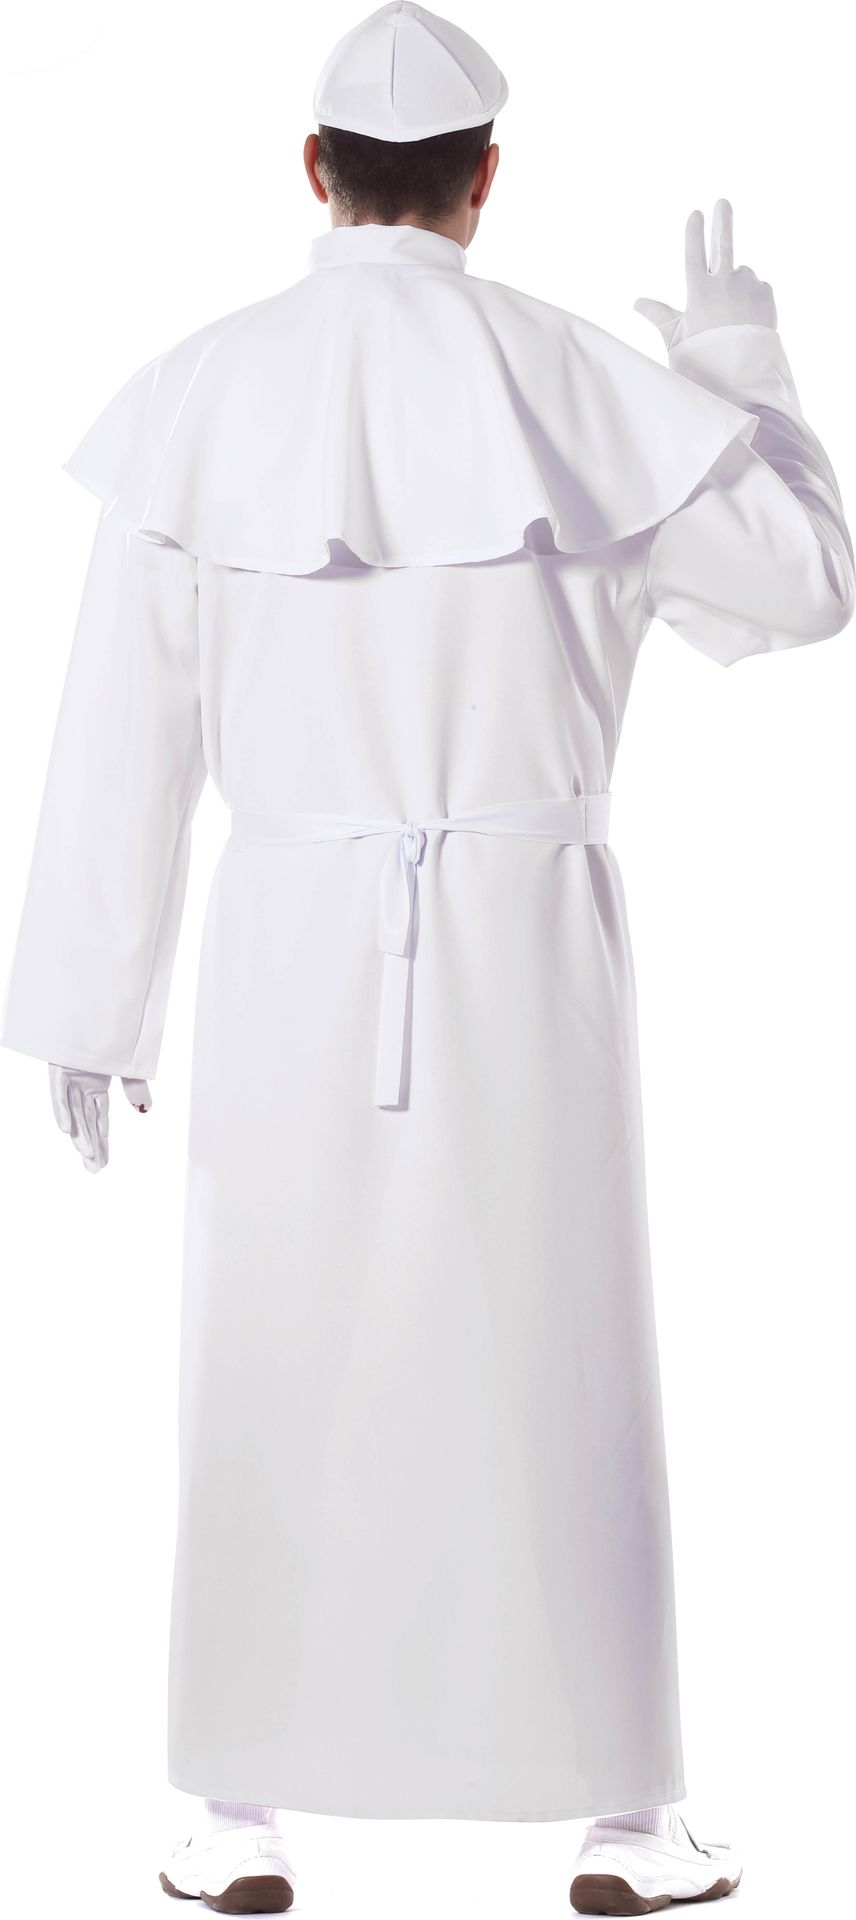 Witte priester kostuum